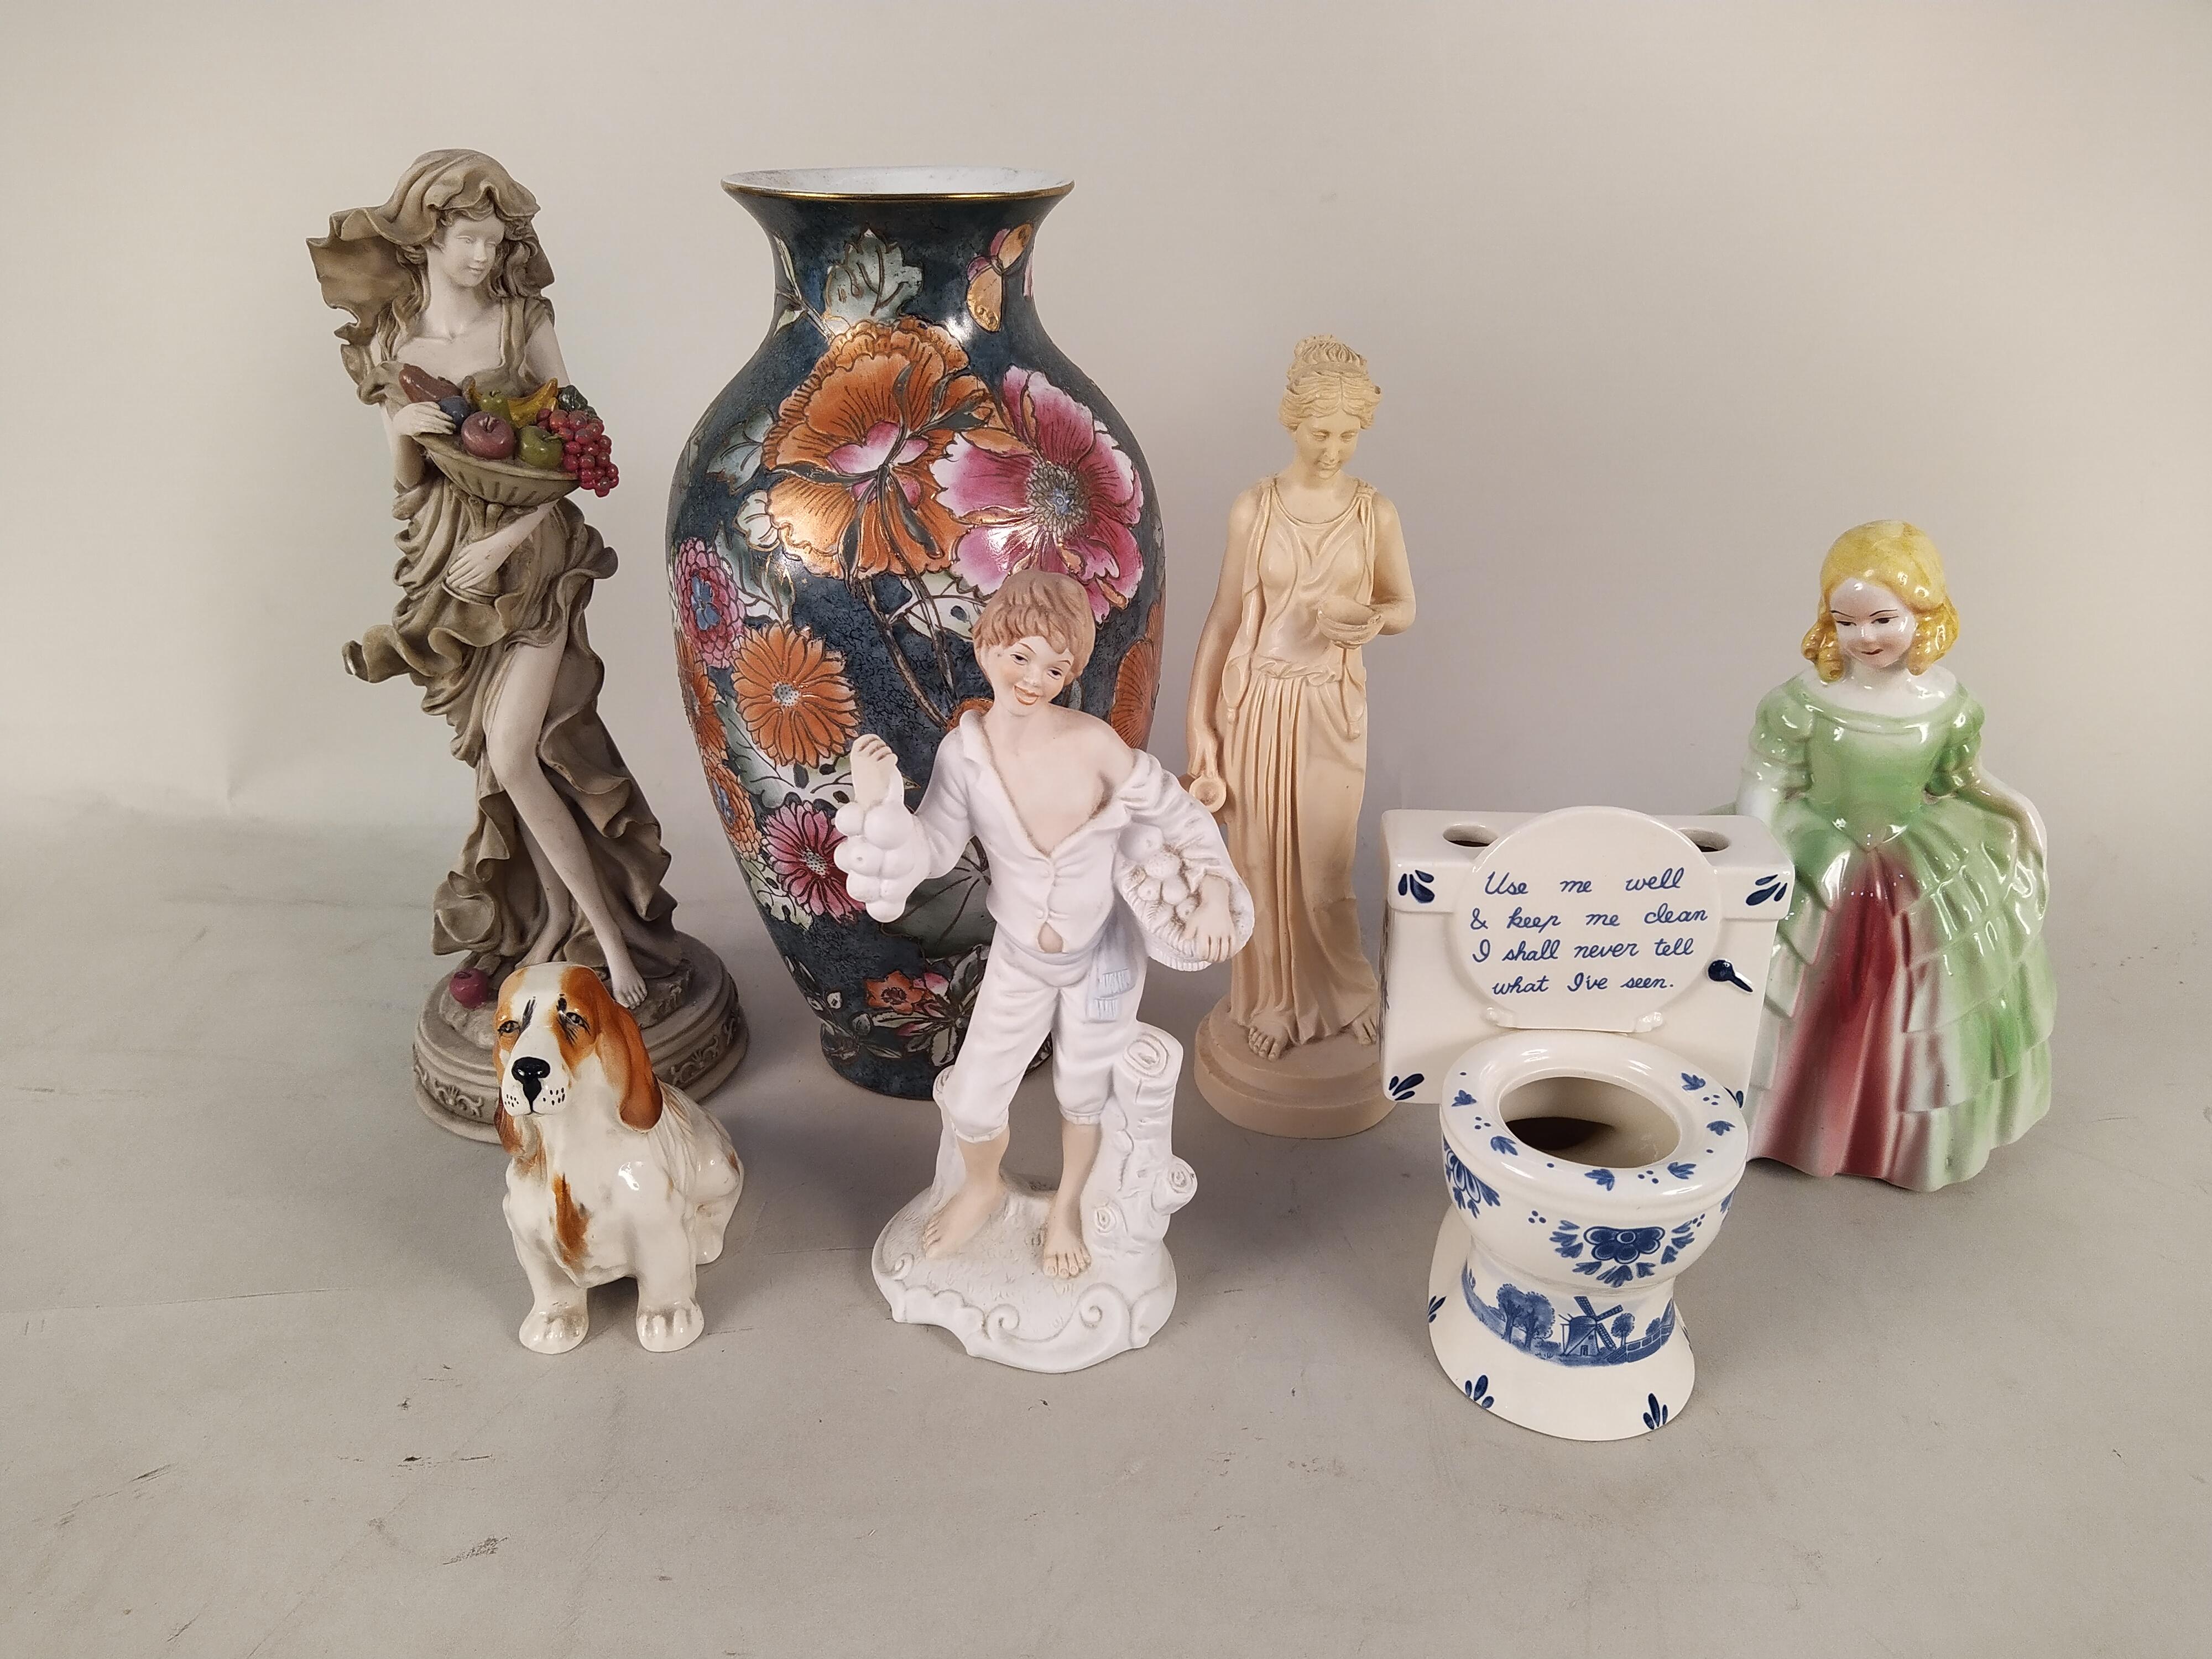 Mixed ceramics including figurines, vases,